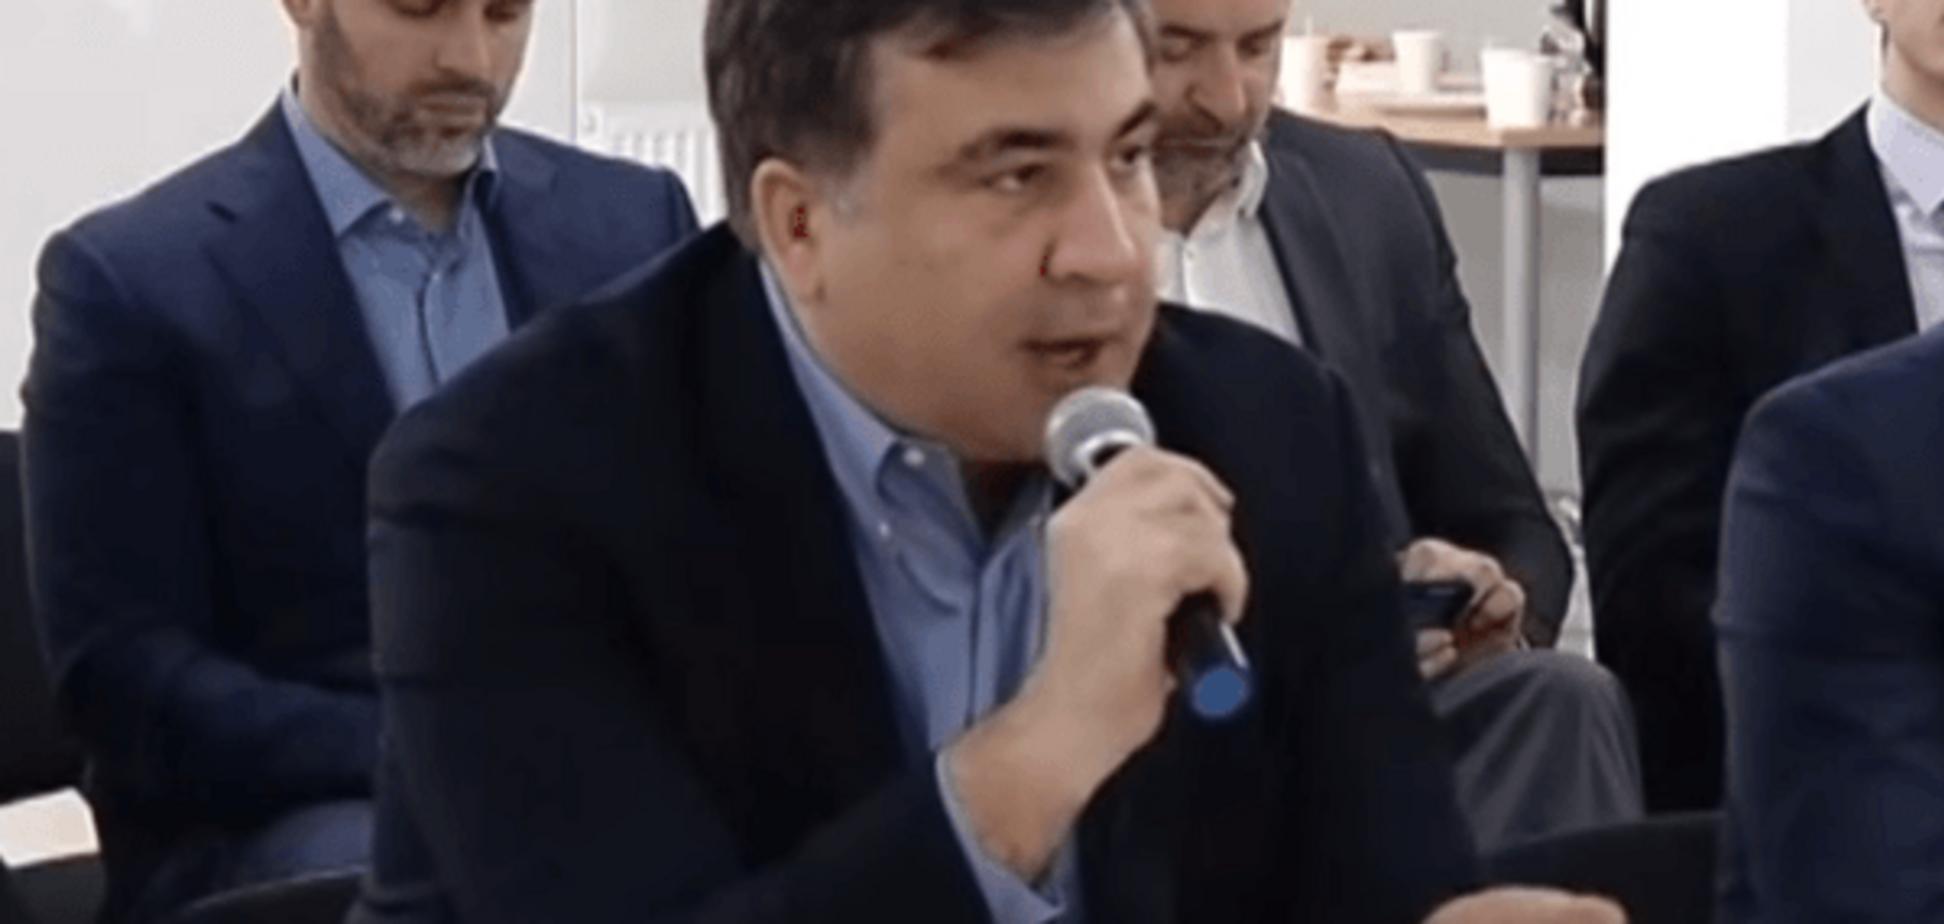 Шість місяців Саакашвілі: ЗМІ показали розкішне життя губернатора